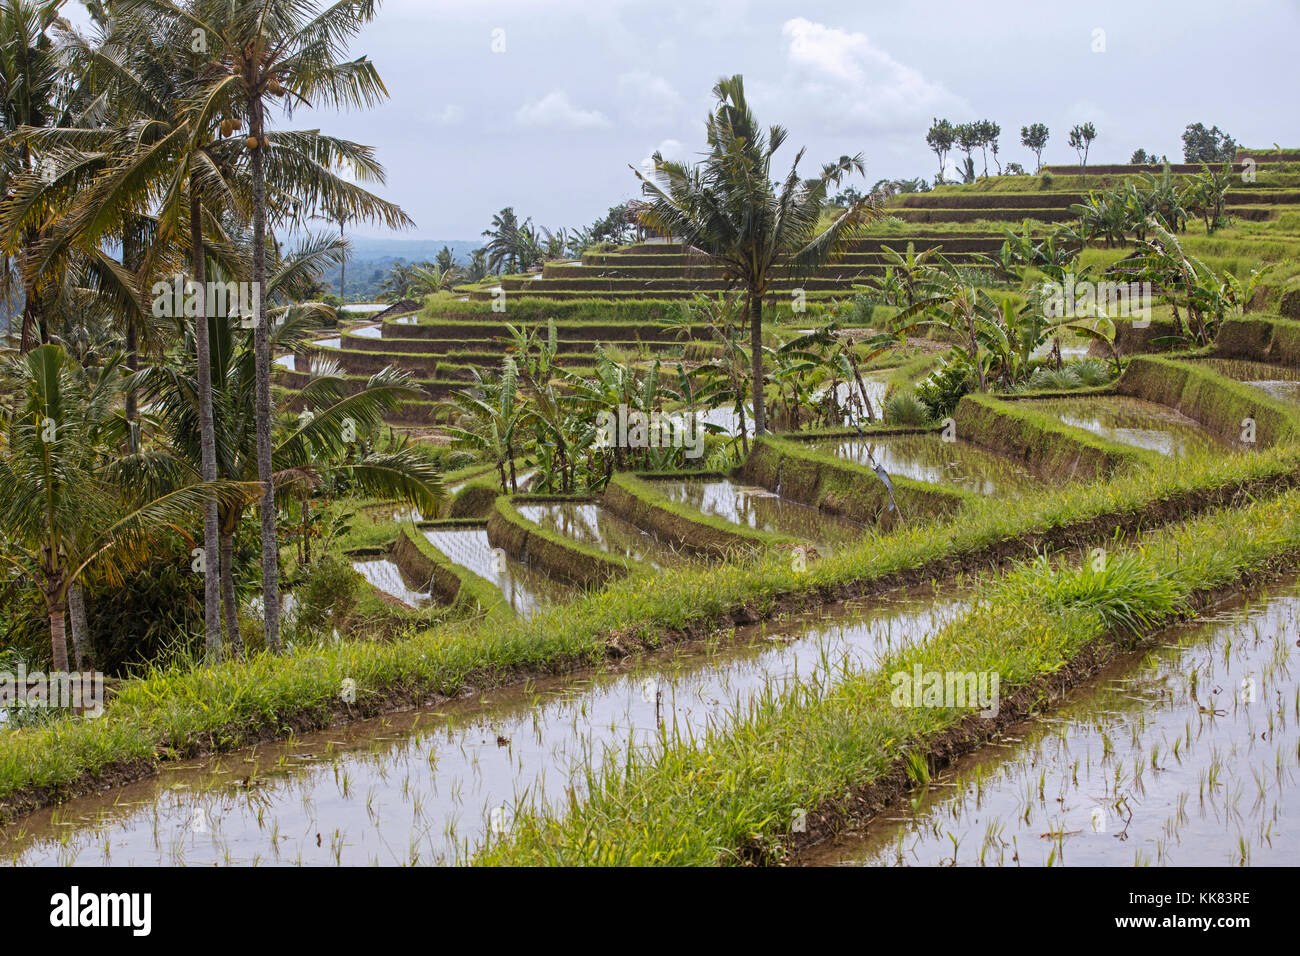 Les rizières en terrasses de jatiluwih, rizières en terrasses dans les montagnes de l'ouest de Bali, Photo Stock